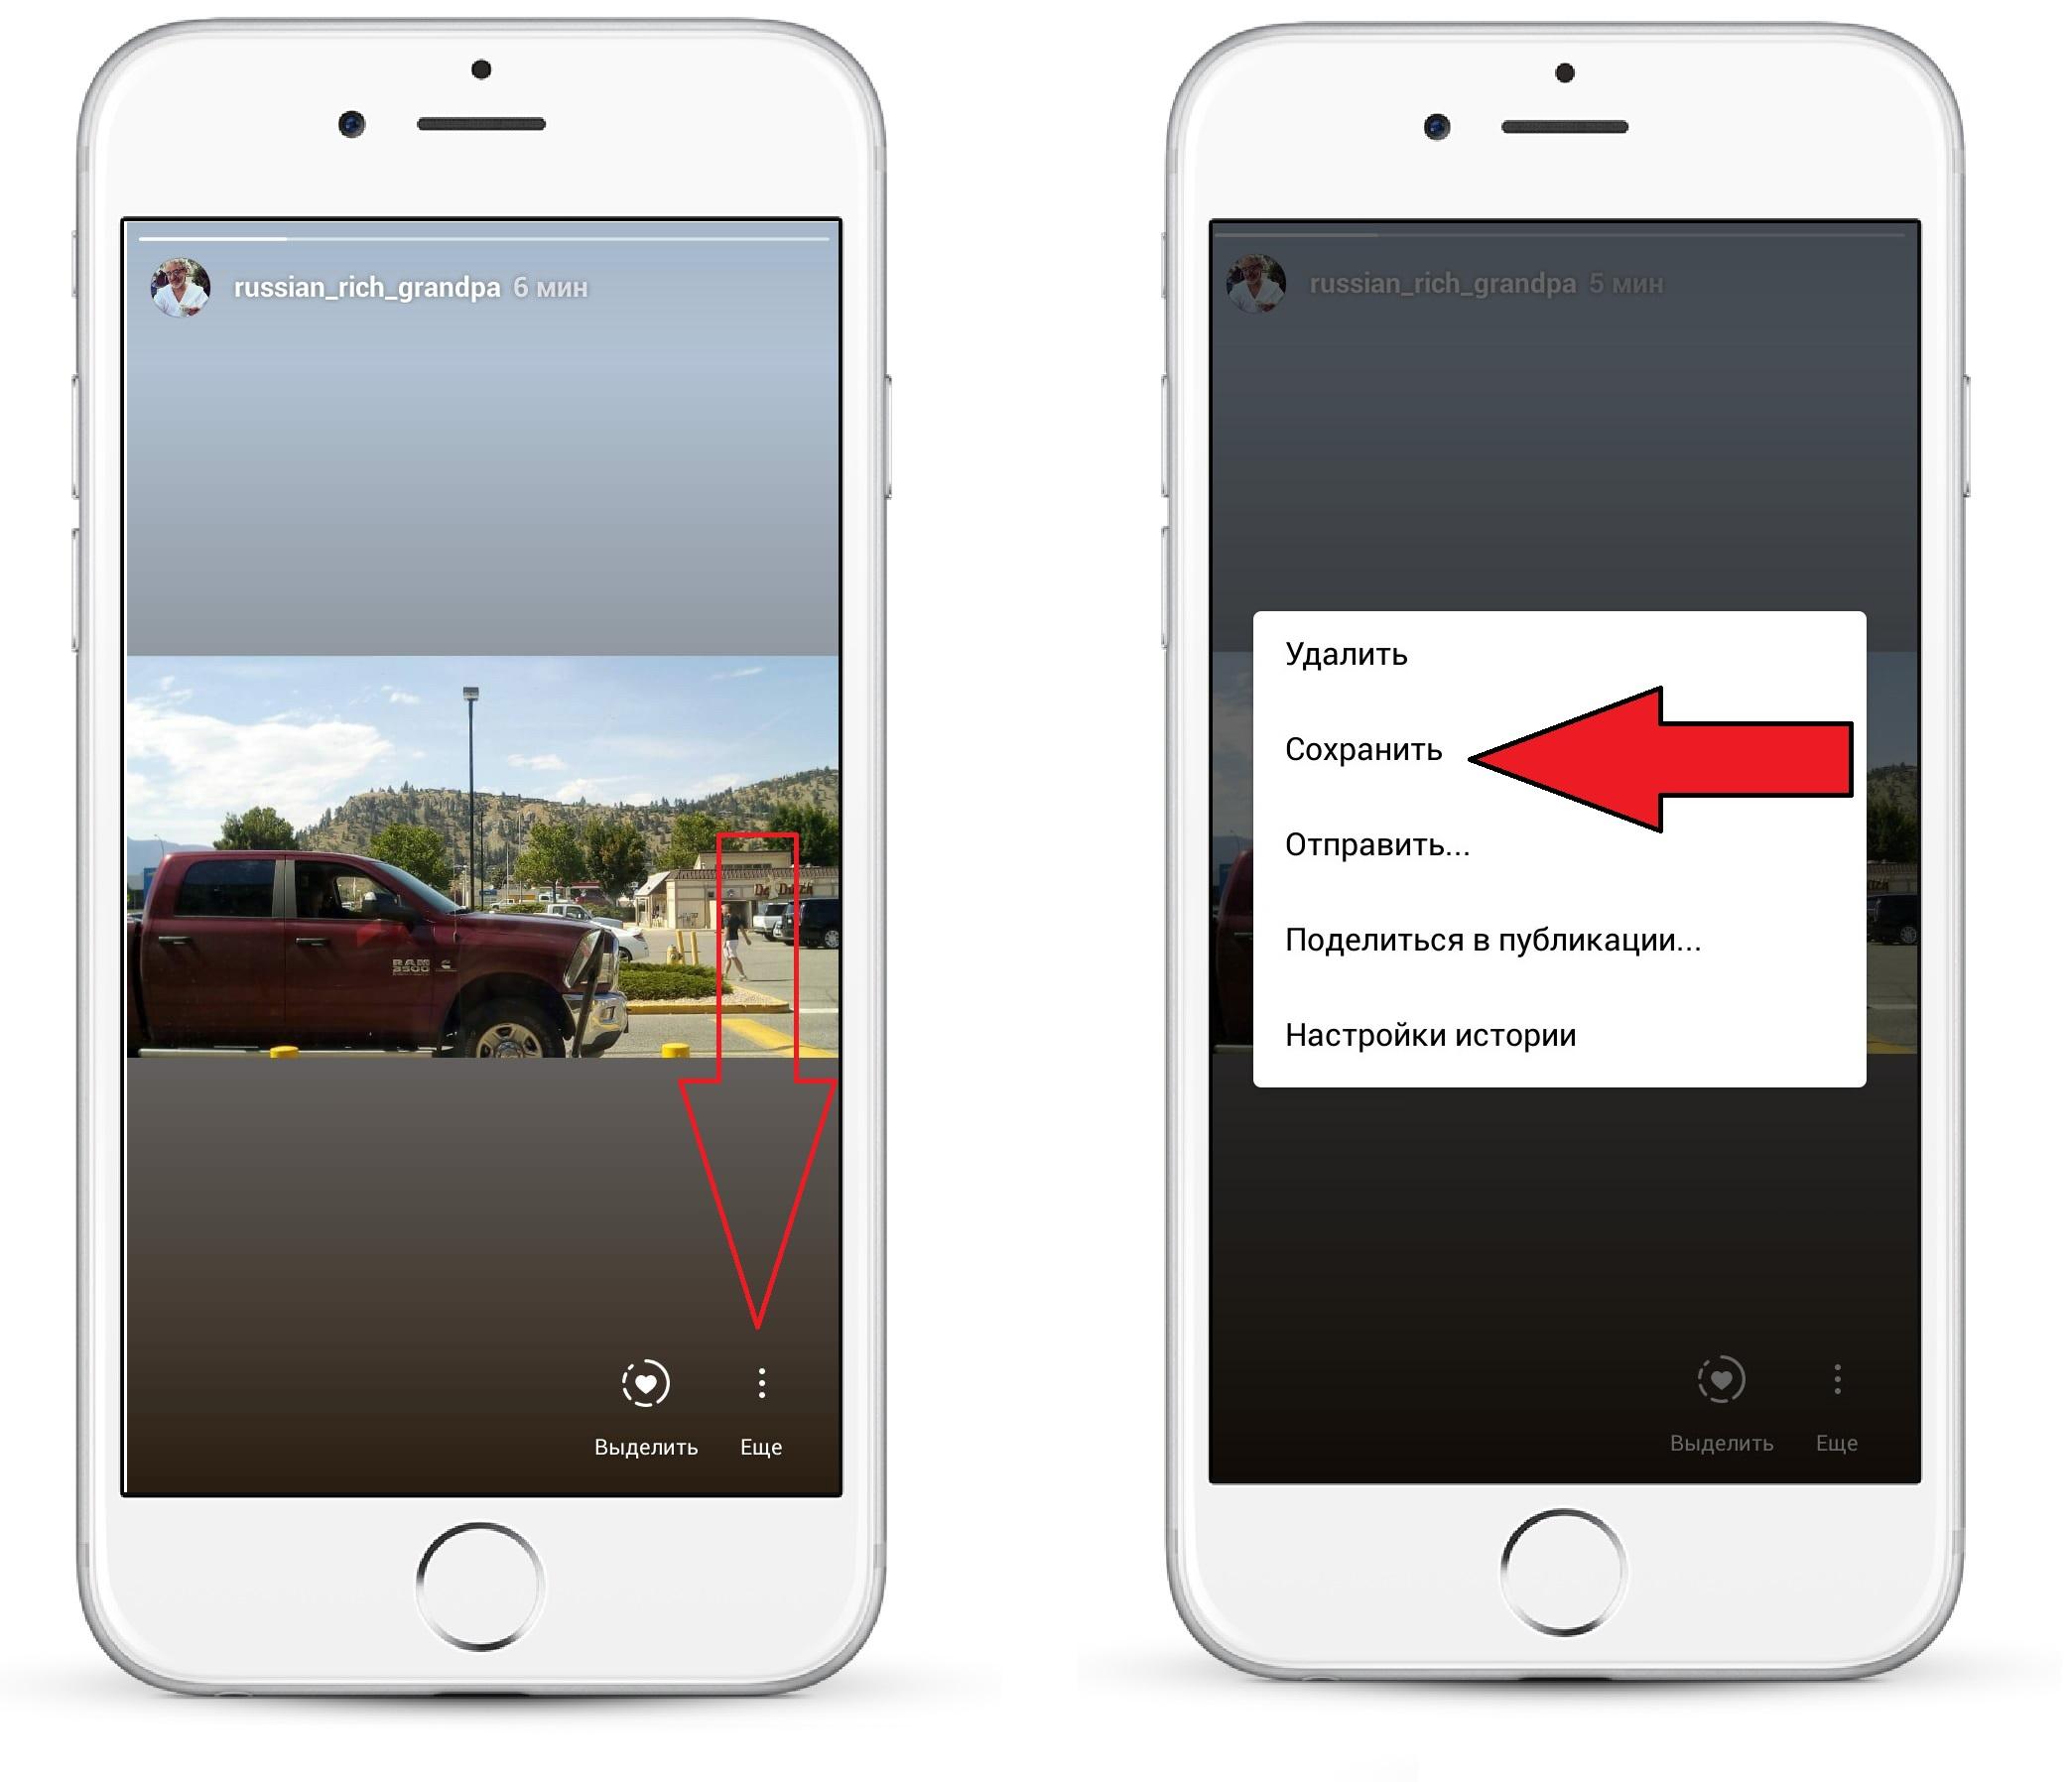 инстаграм на айфон занимает много места мкб как погасить кредит онлайн